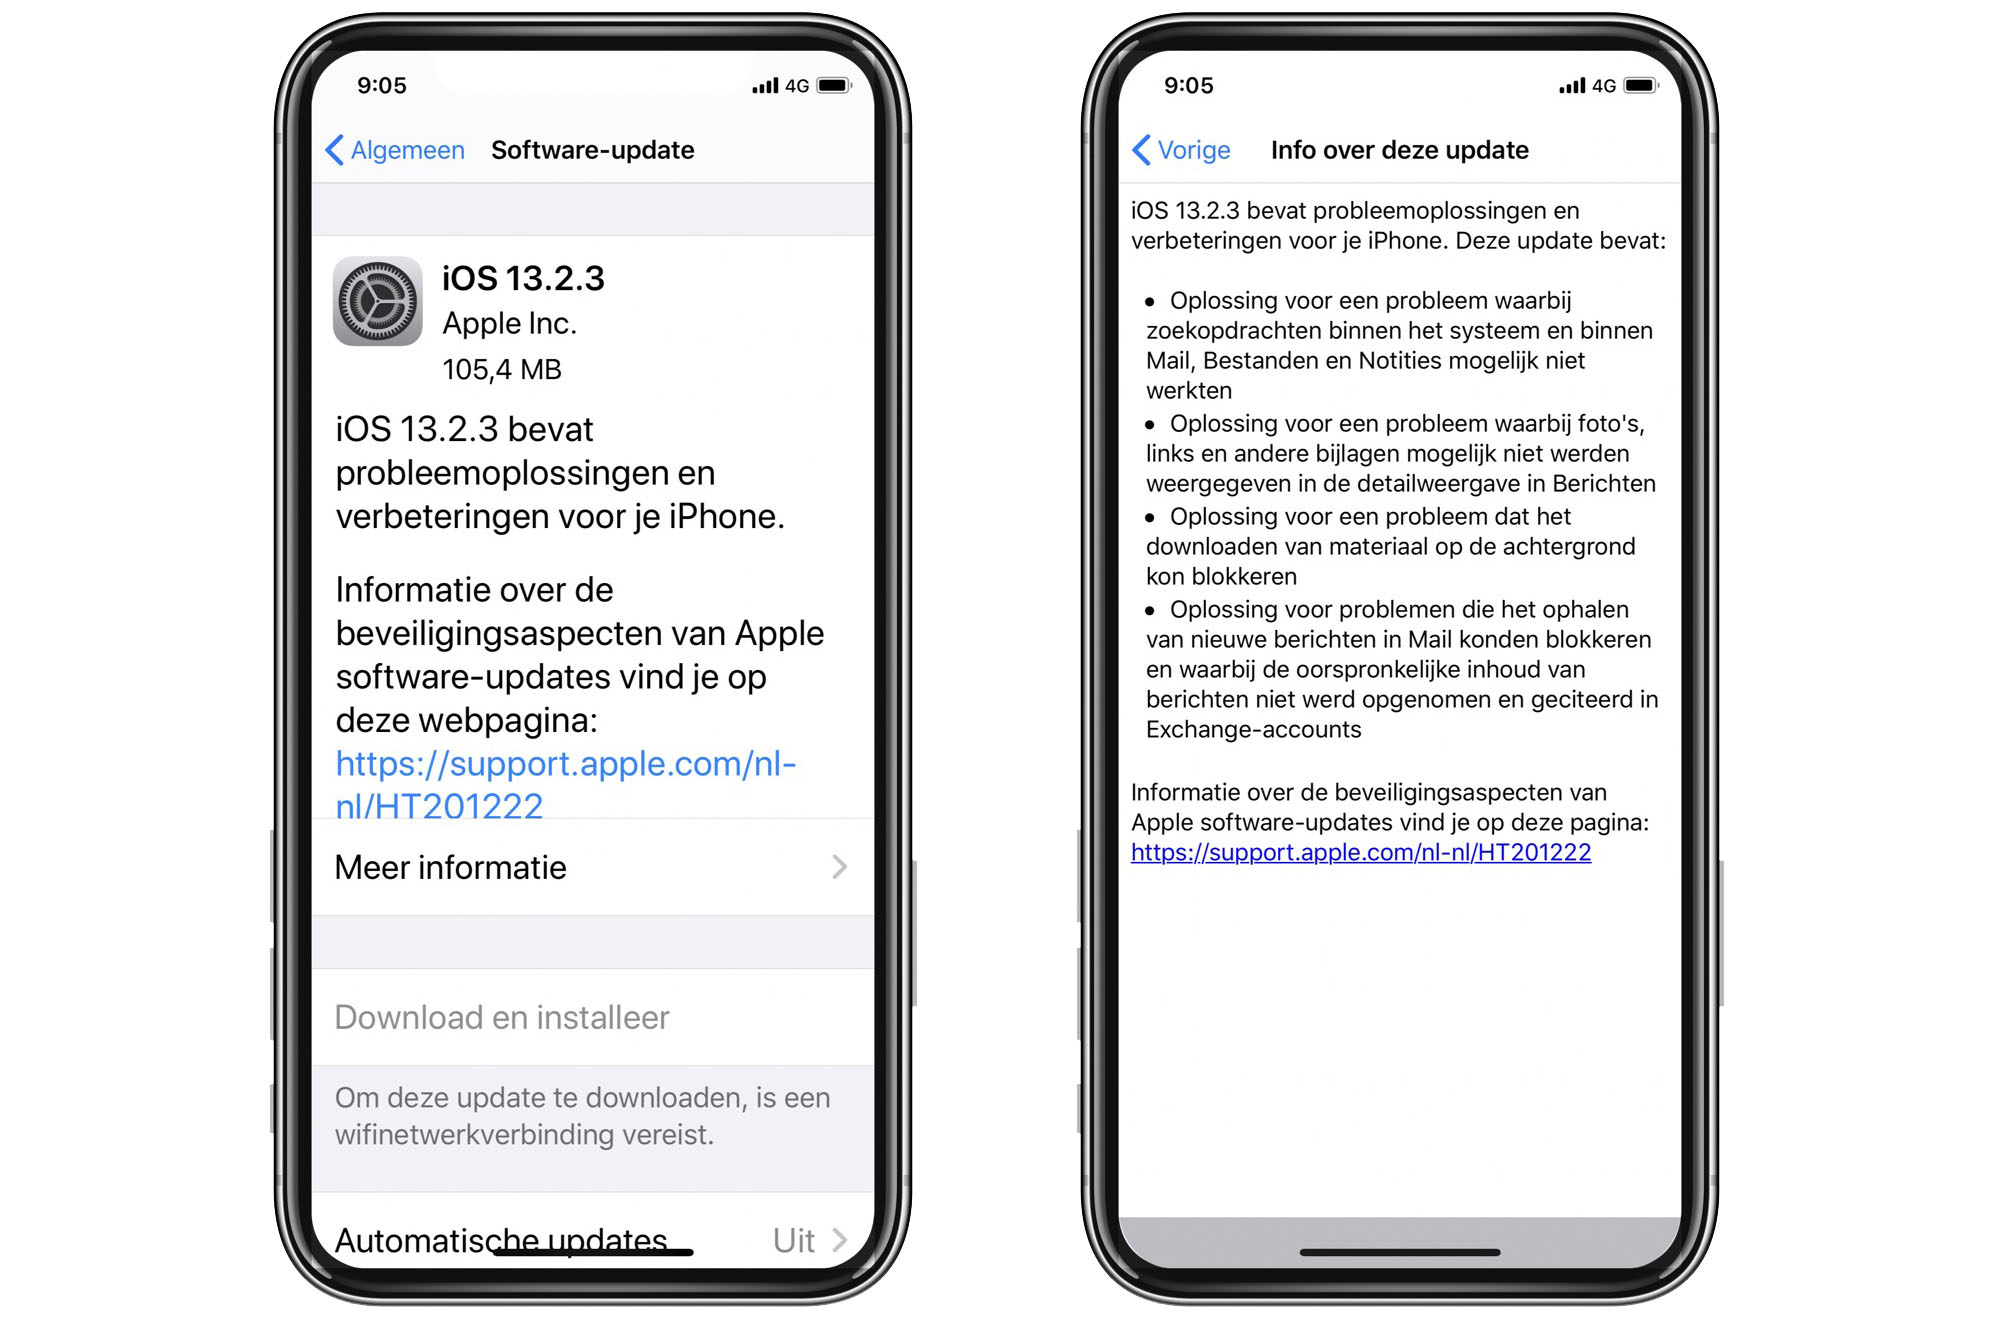 https://www.macfreak.nl/modules/news/images/zArt.iOS13.2.3updateReleaseNotes.jpeg